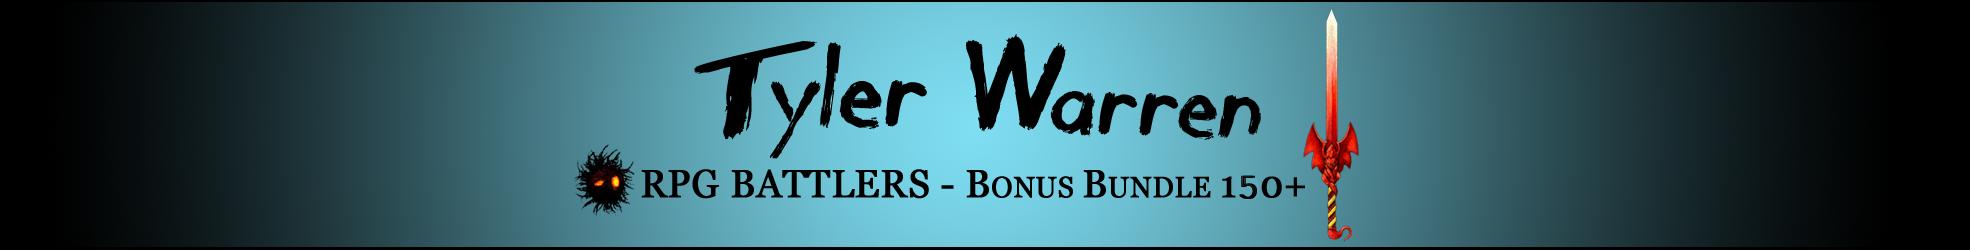 Tyler Warren Battler Bundle